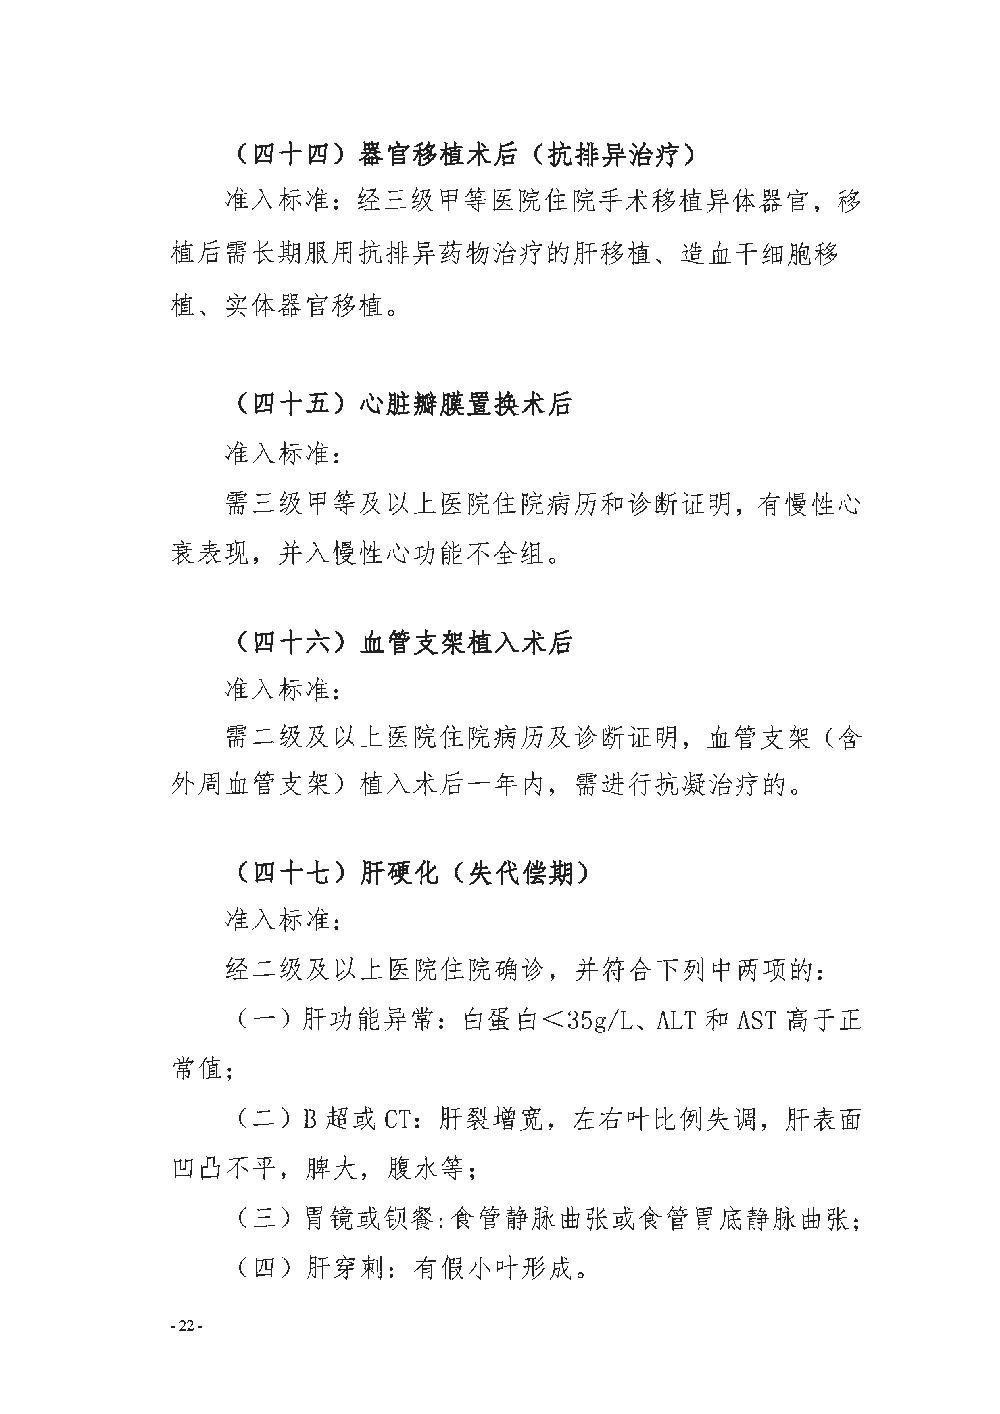 阜阳市城乡居民慢性病管理办法(1)_22.JPG